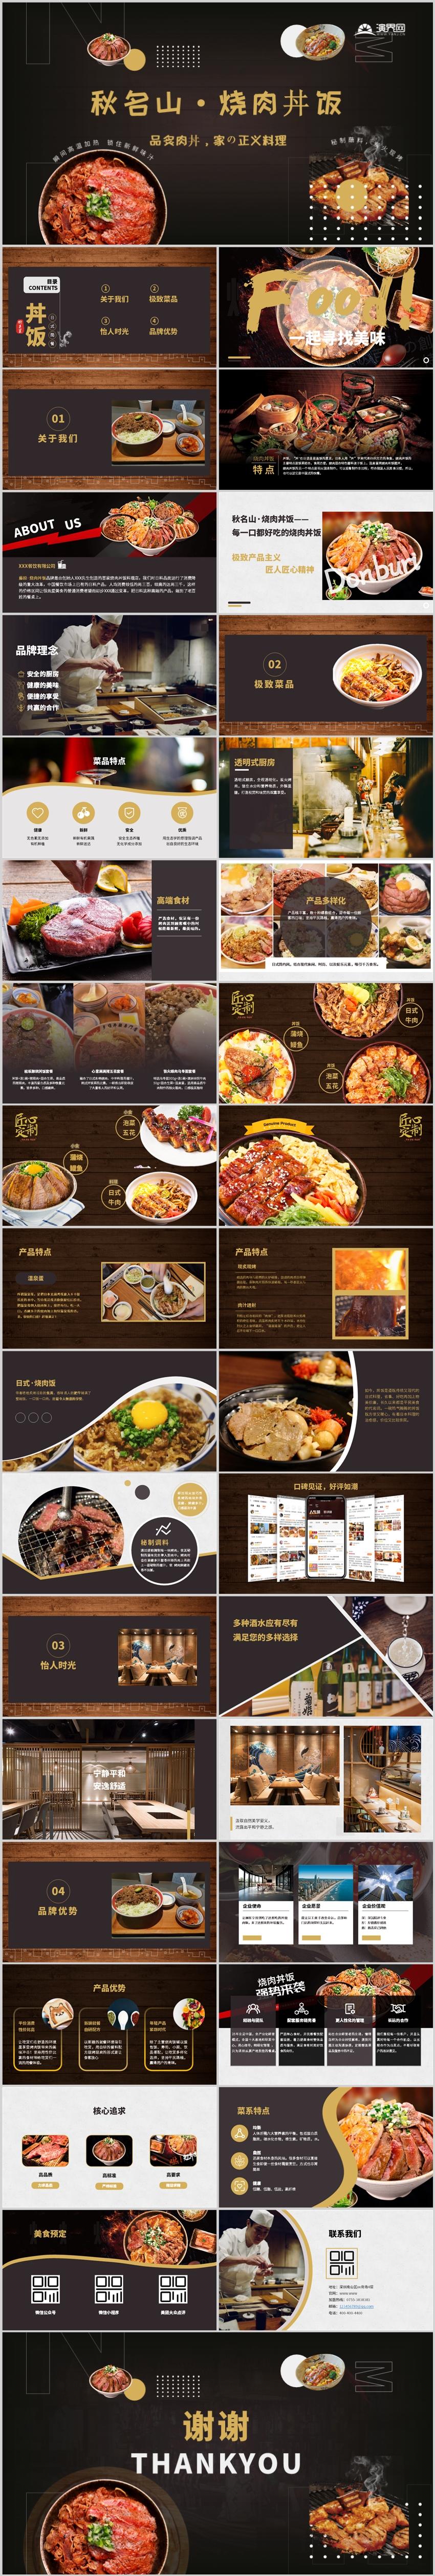 高端大气日式餐饮品牌宣传、料理美食招商画册PPT